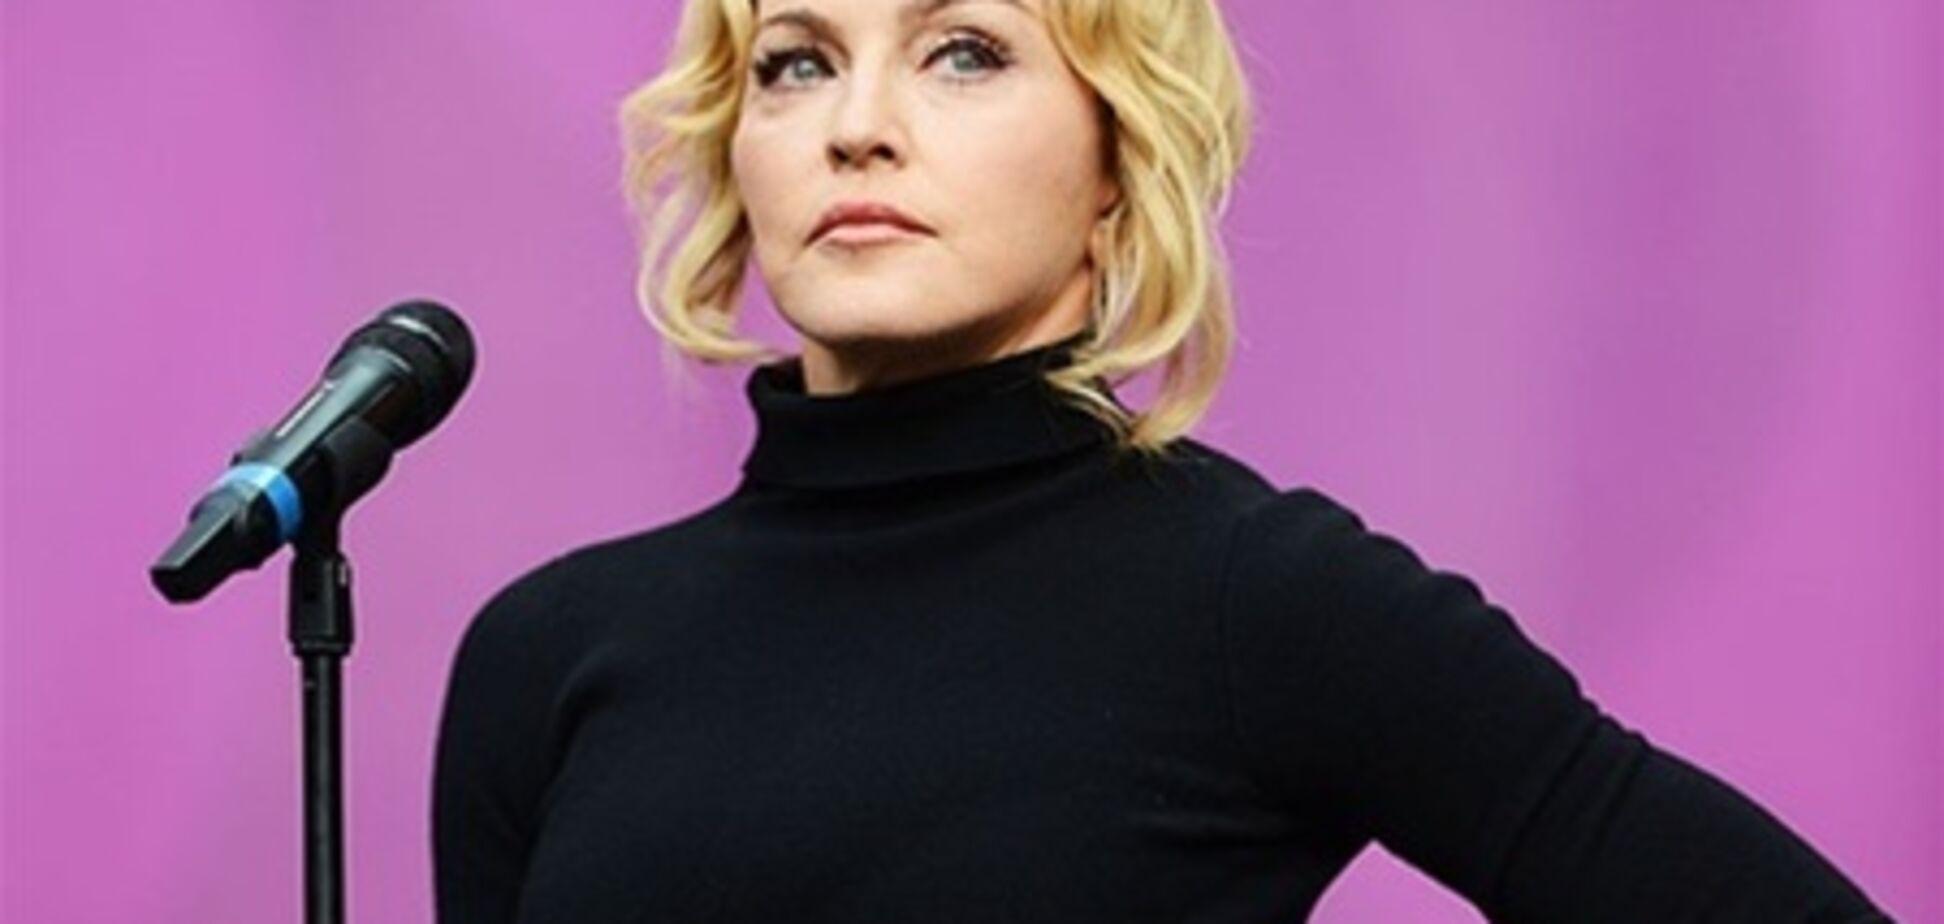 Мадонна и Шакира попали в список 'звезд с интеллектом гениев'